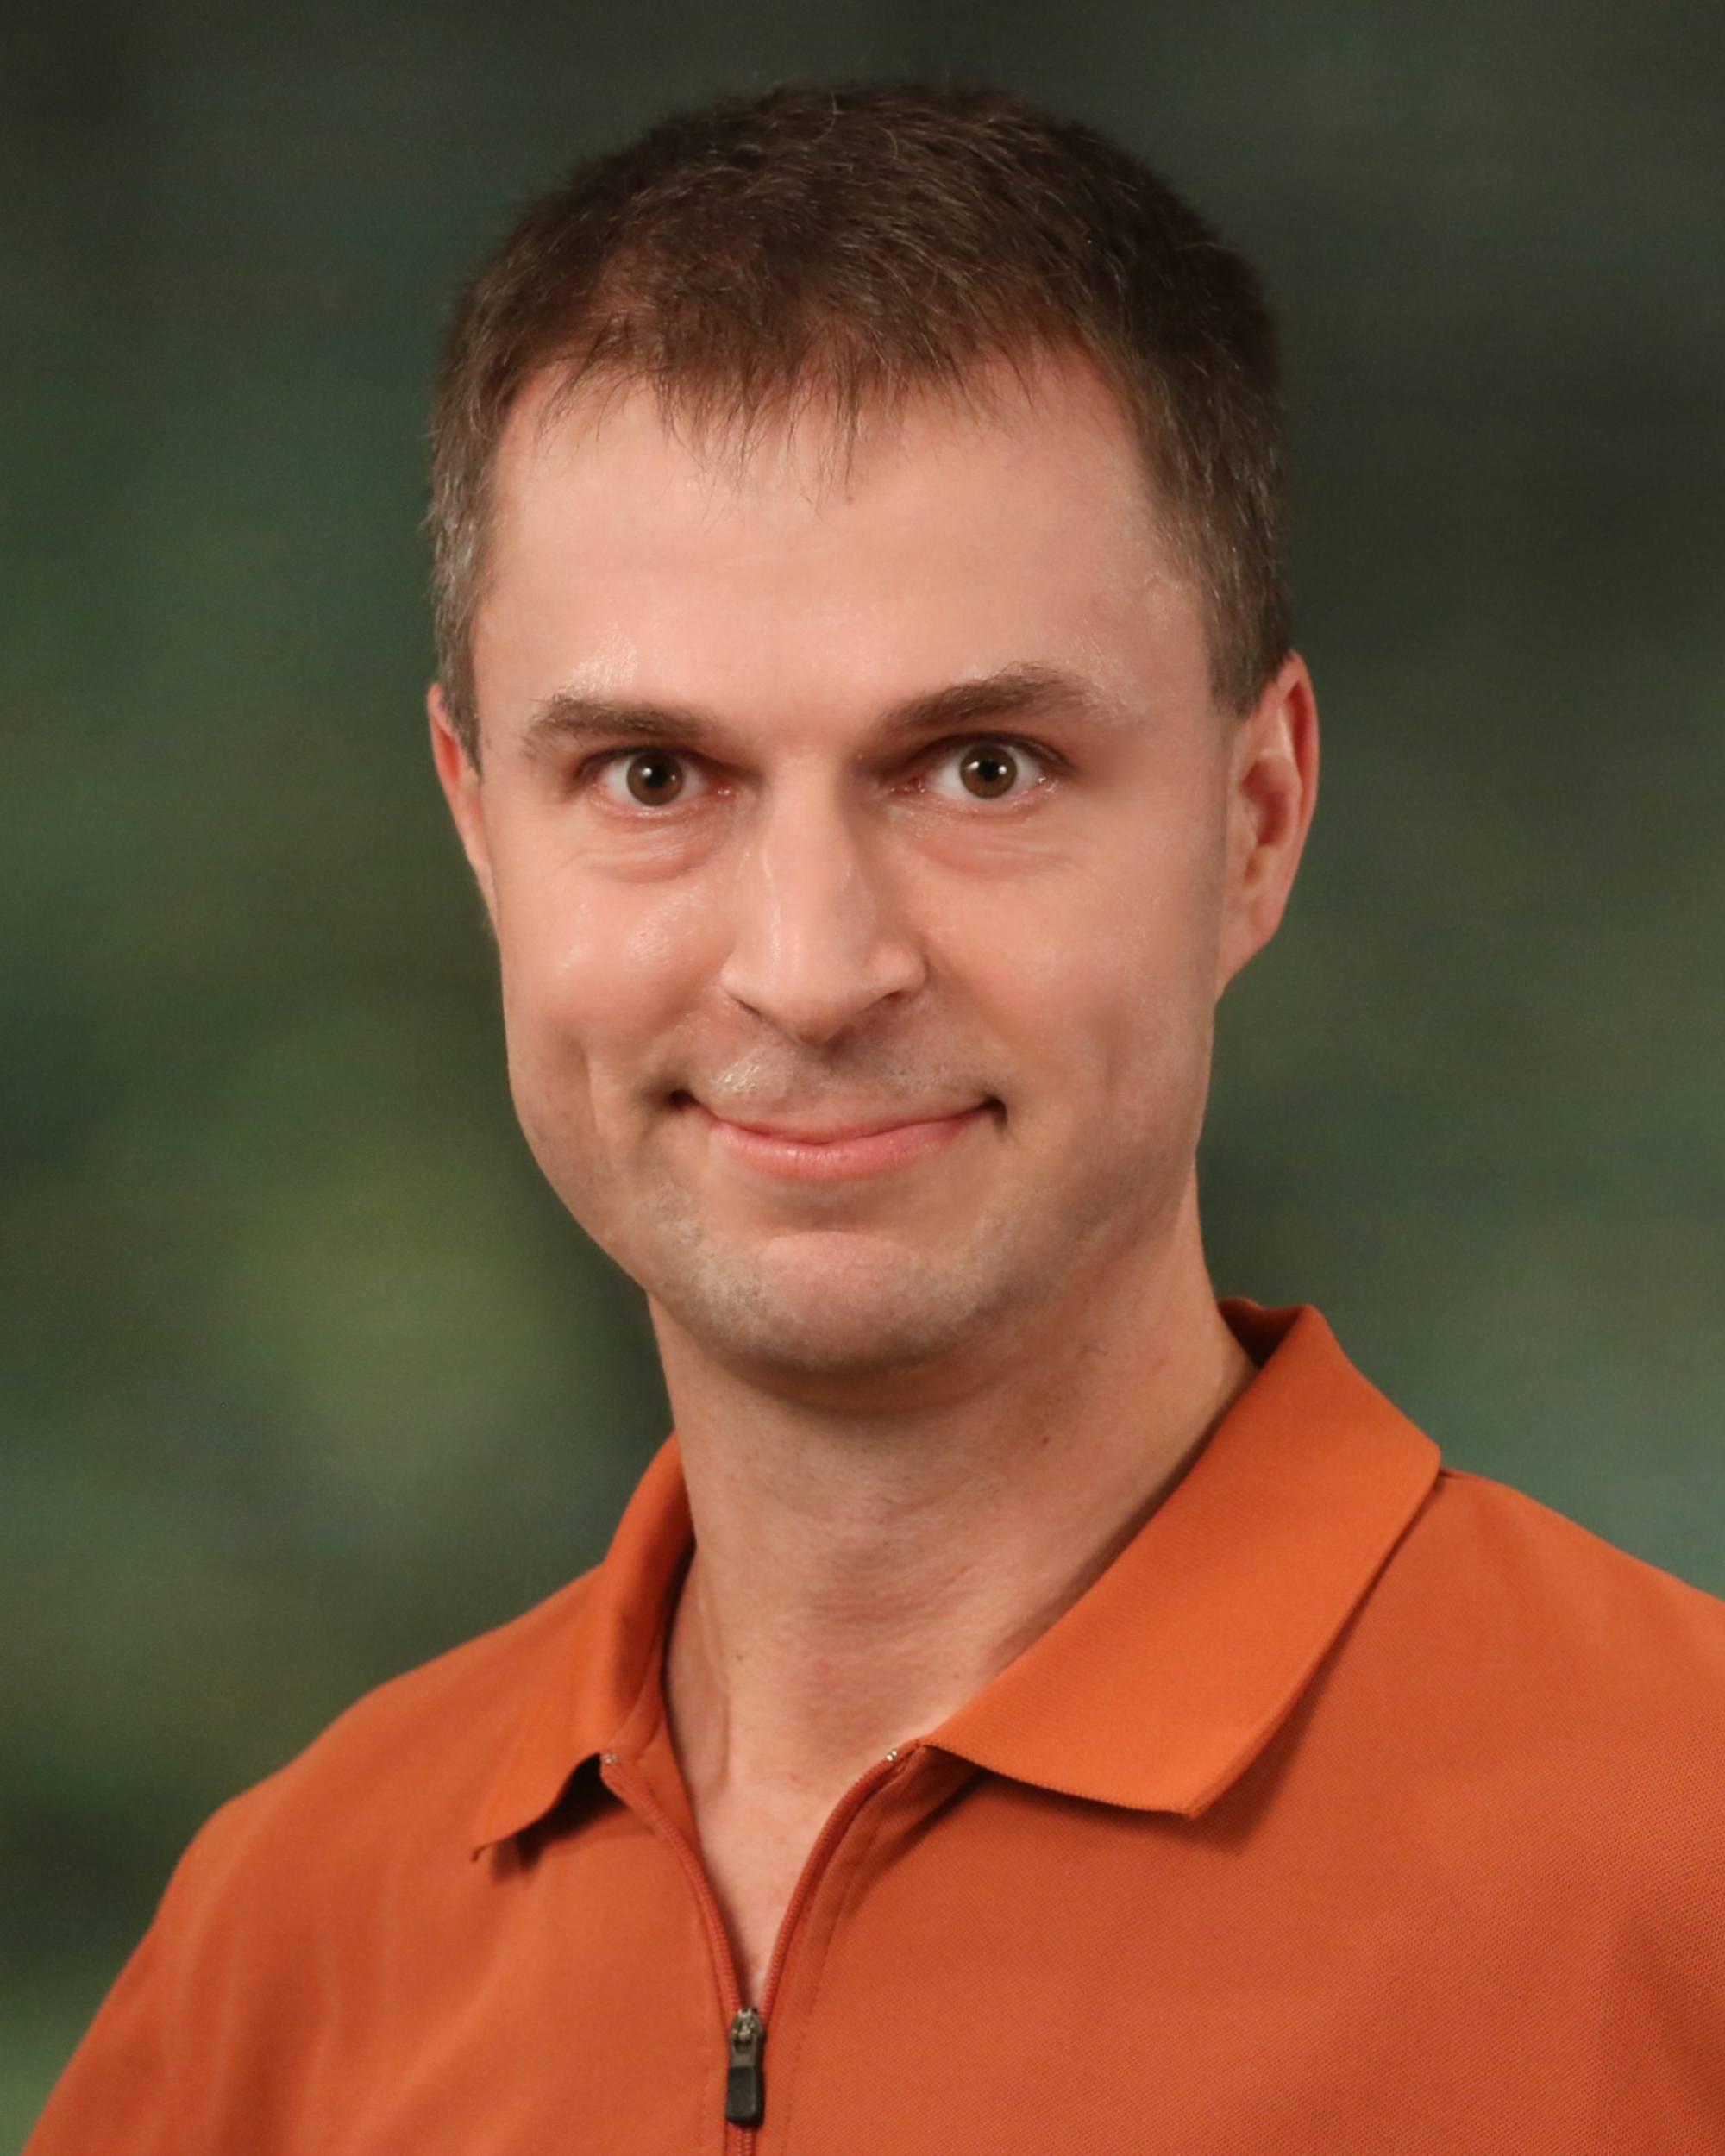 Daniel Stenberg criou o cURL em 1998